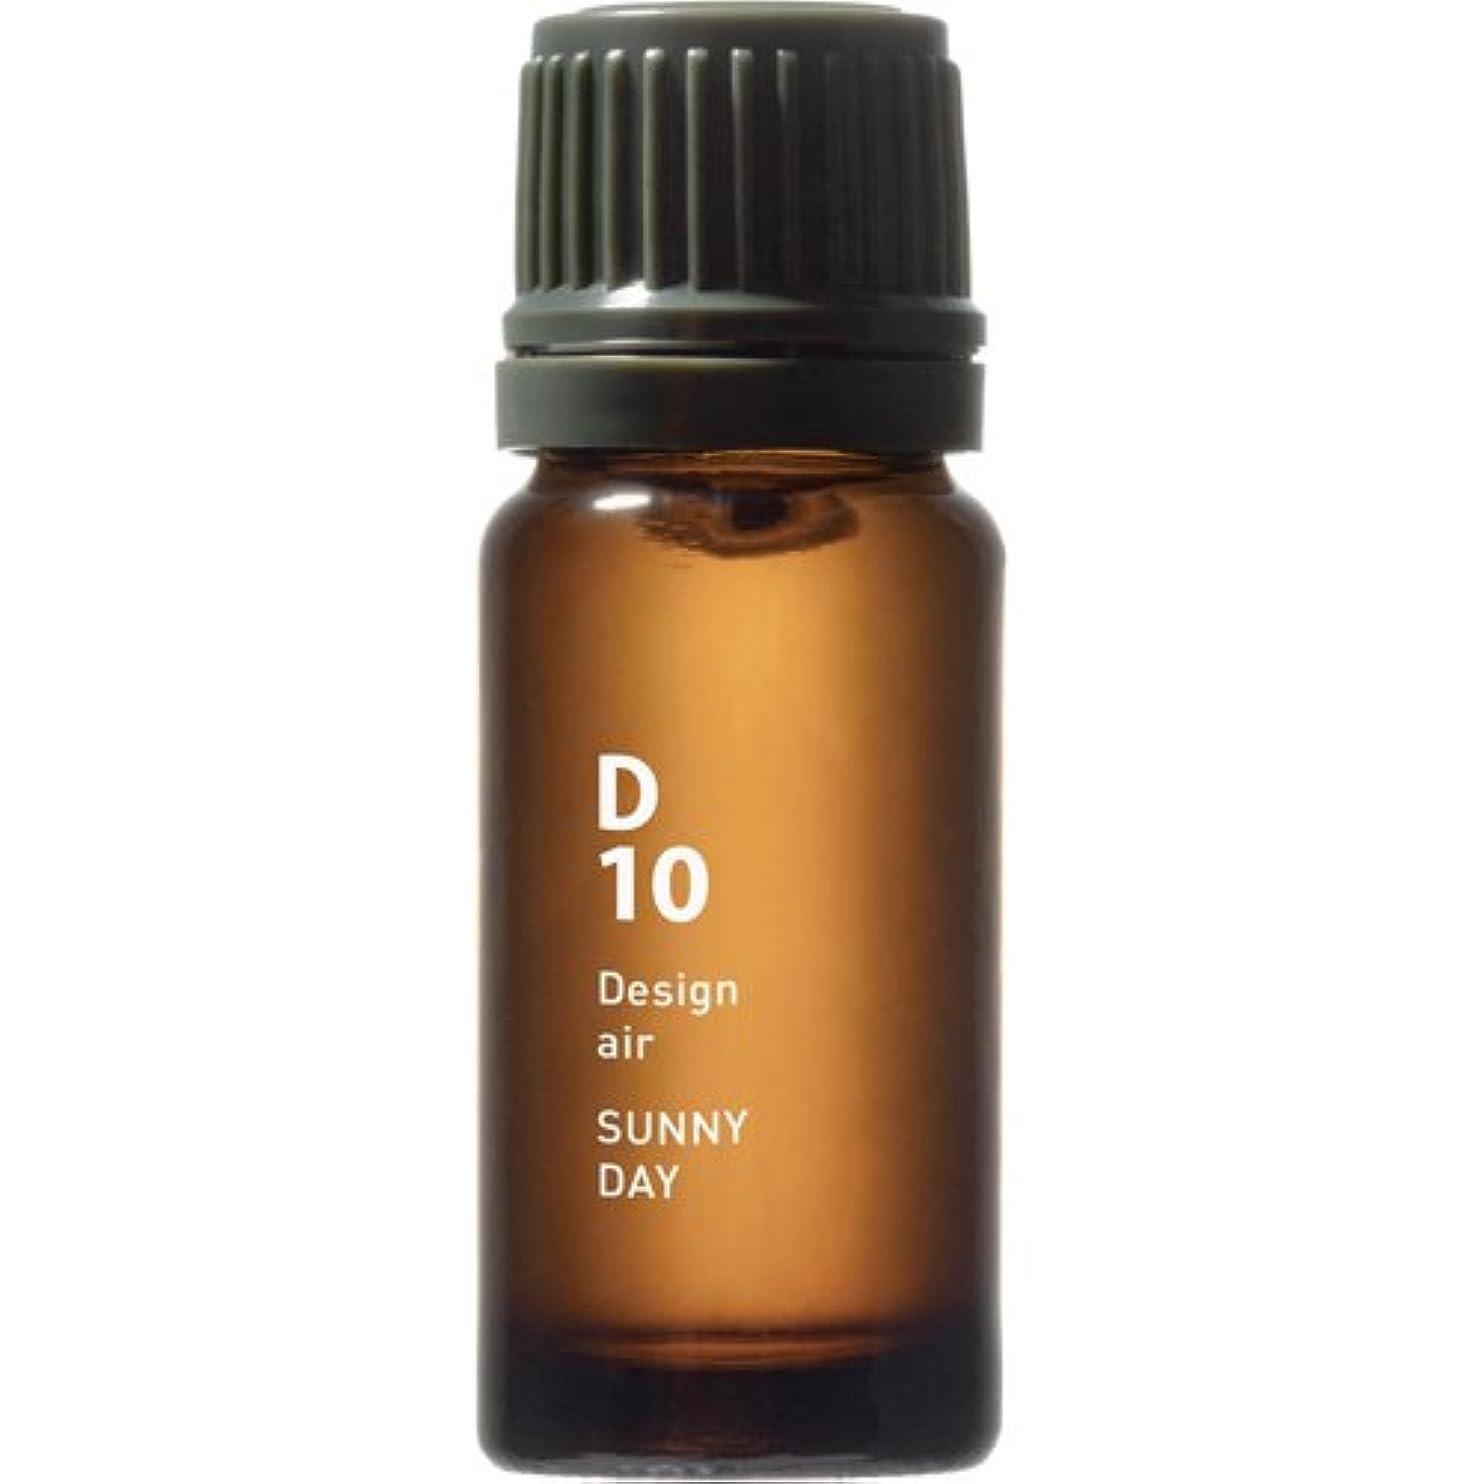 根拠相反する性別D10 SUNNY DAY Design air 10ml